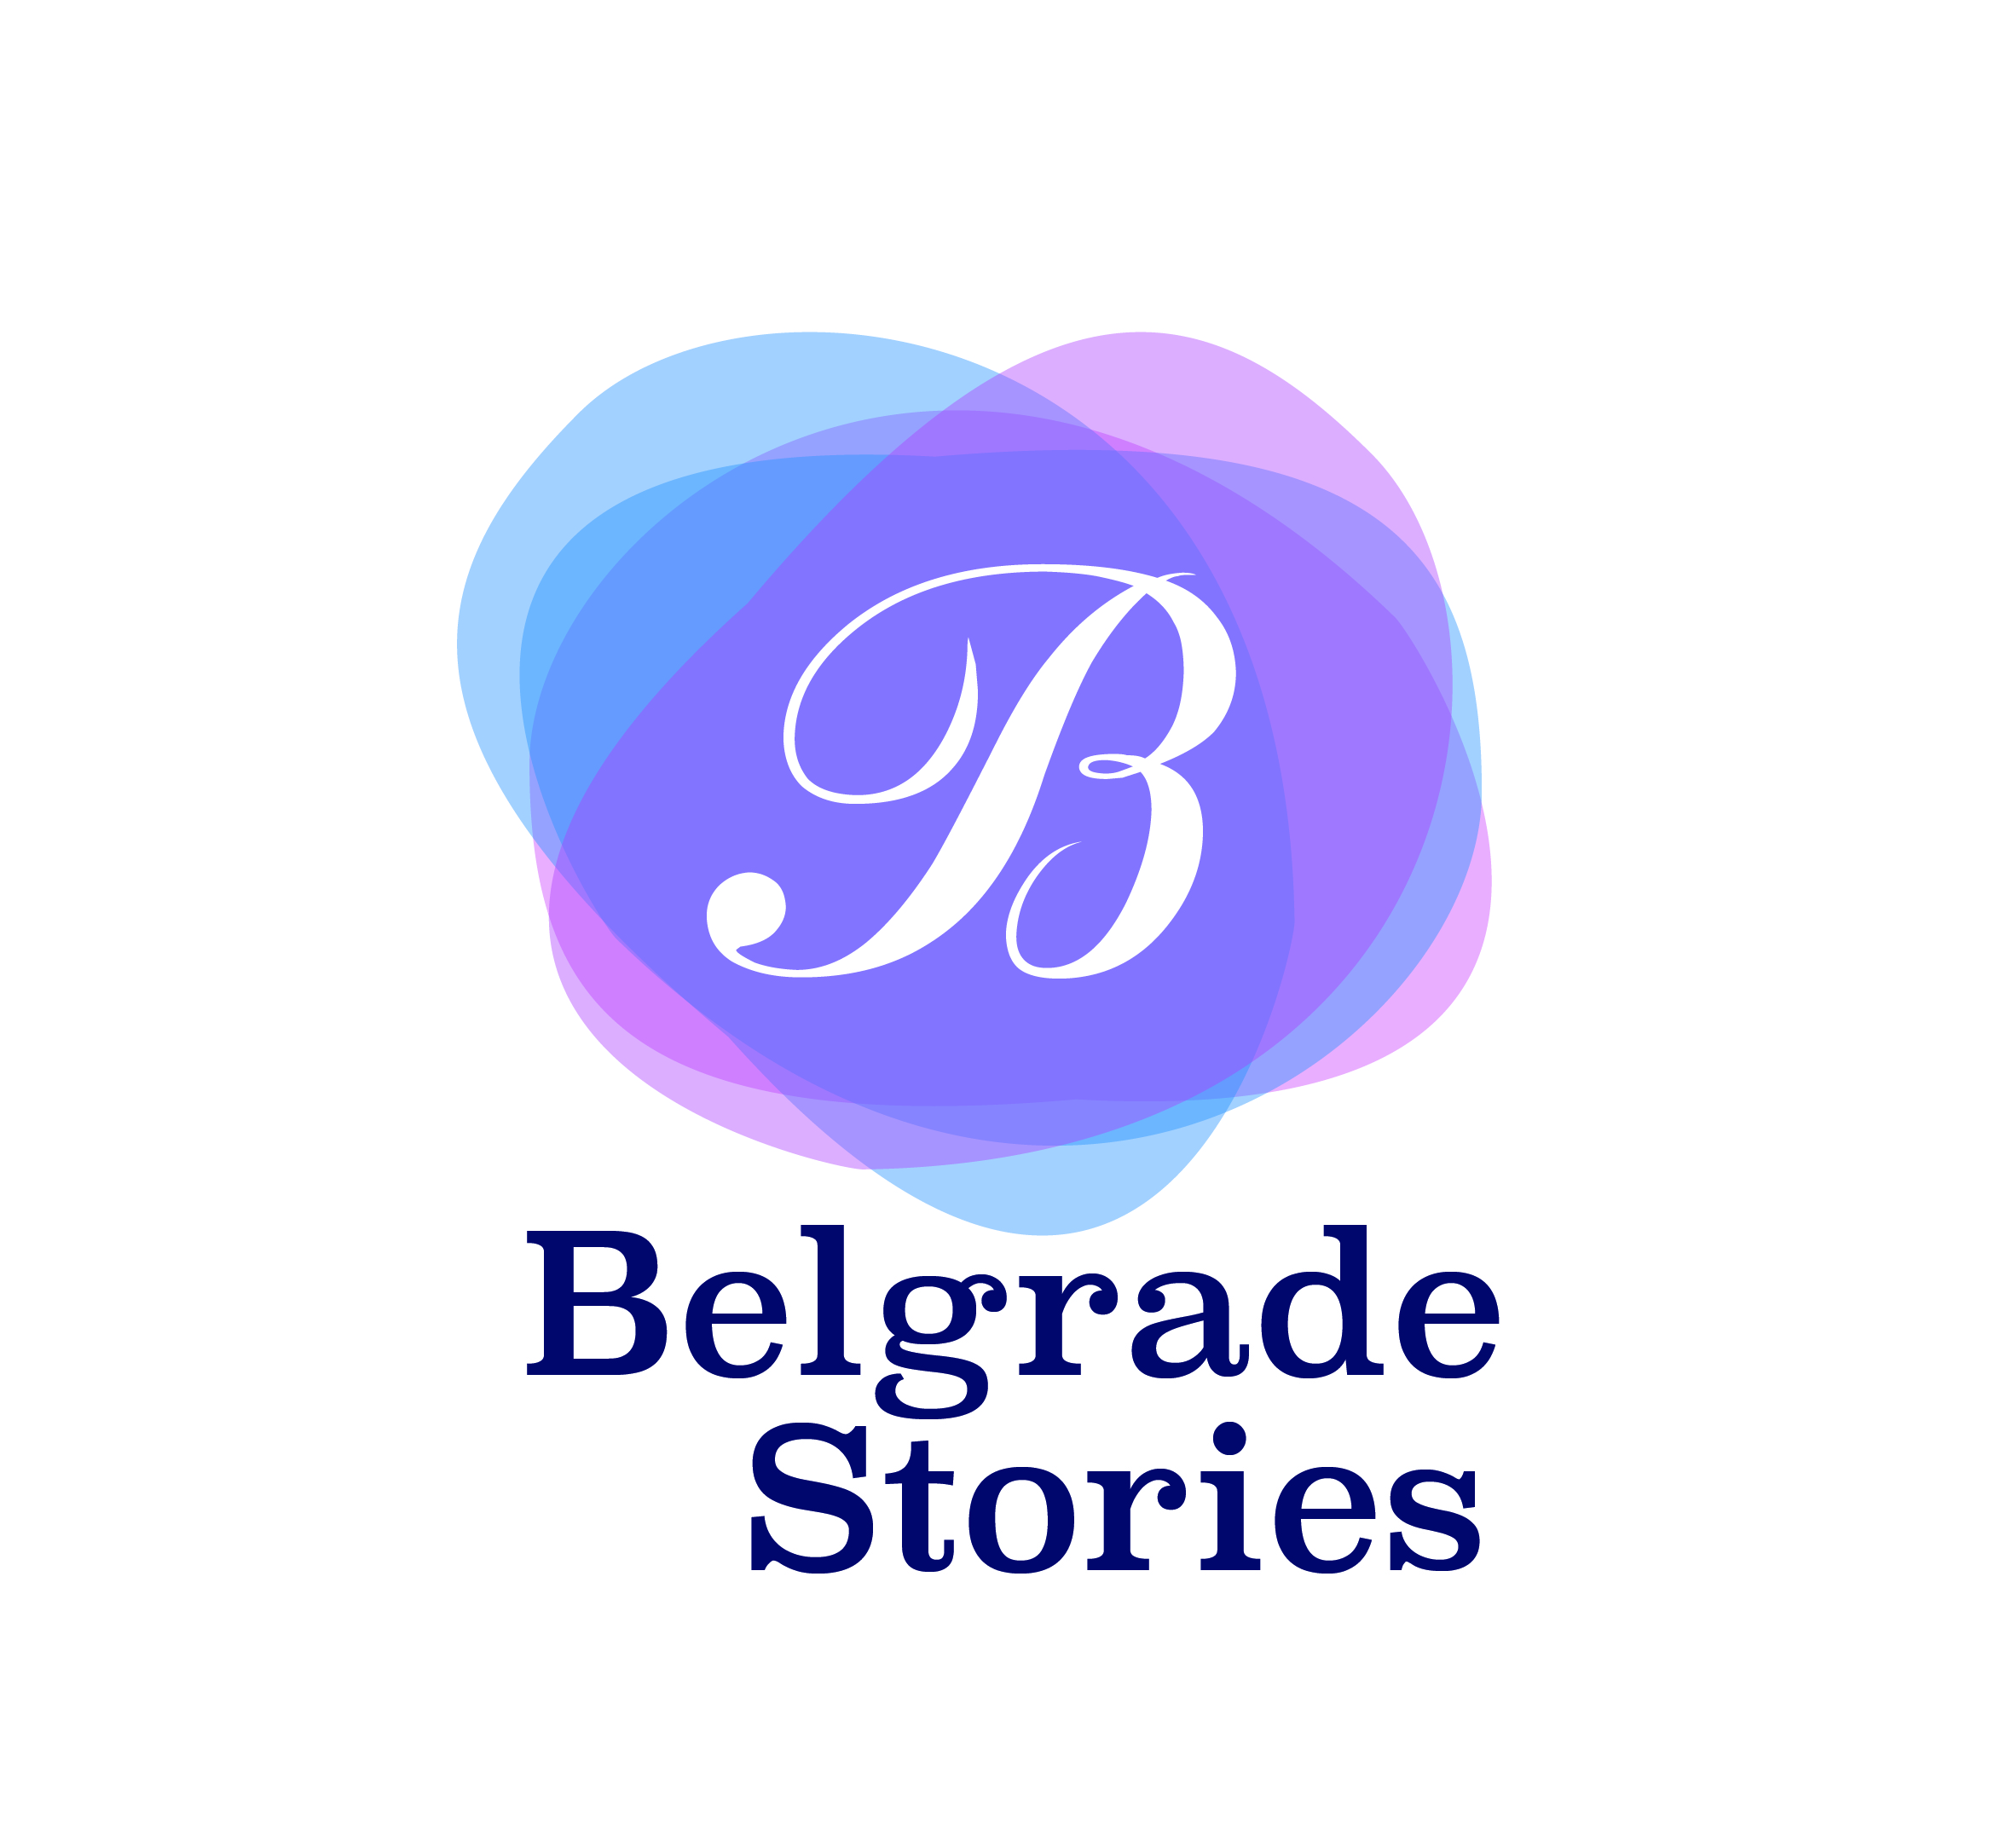 Логотип для агентства городских туров в Белграде фото f_764589b1e8fc1de0.jpg